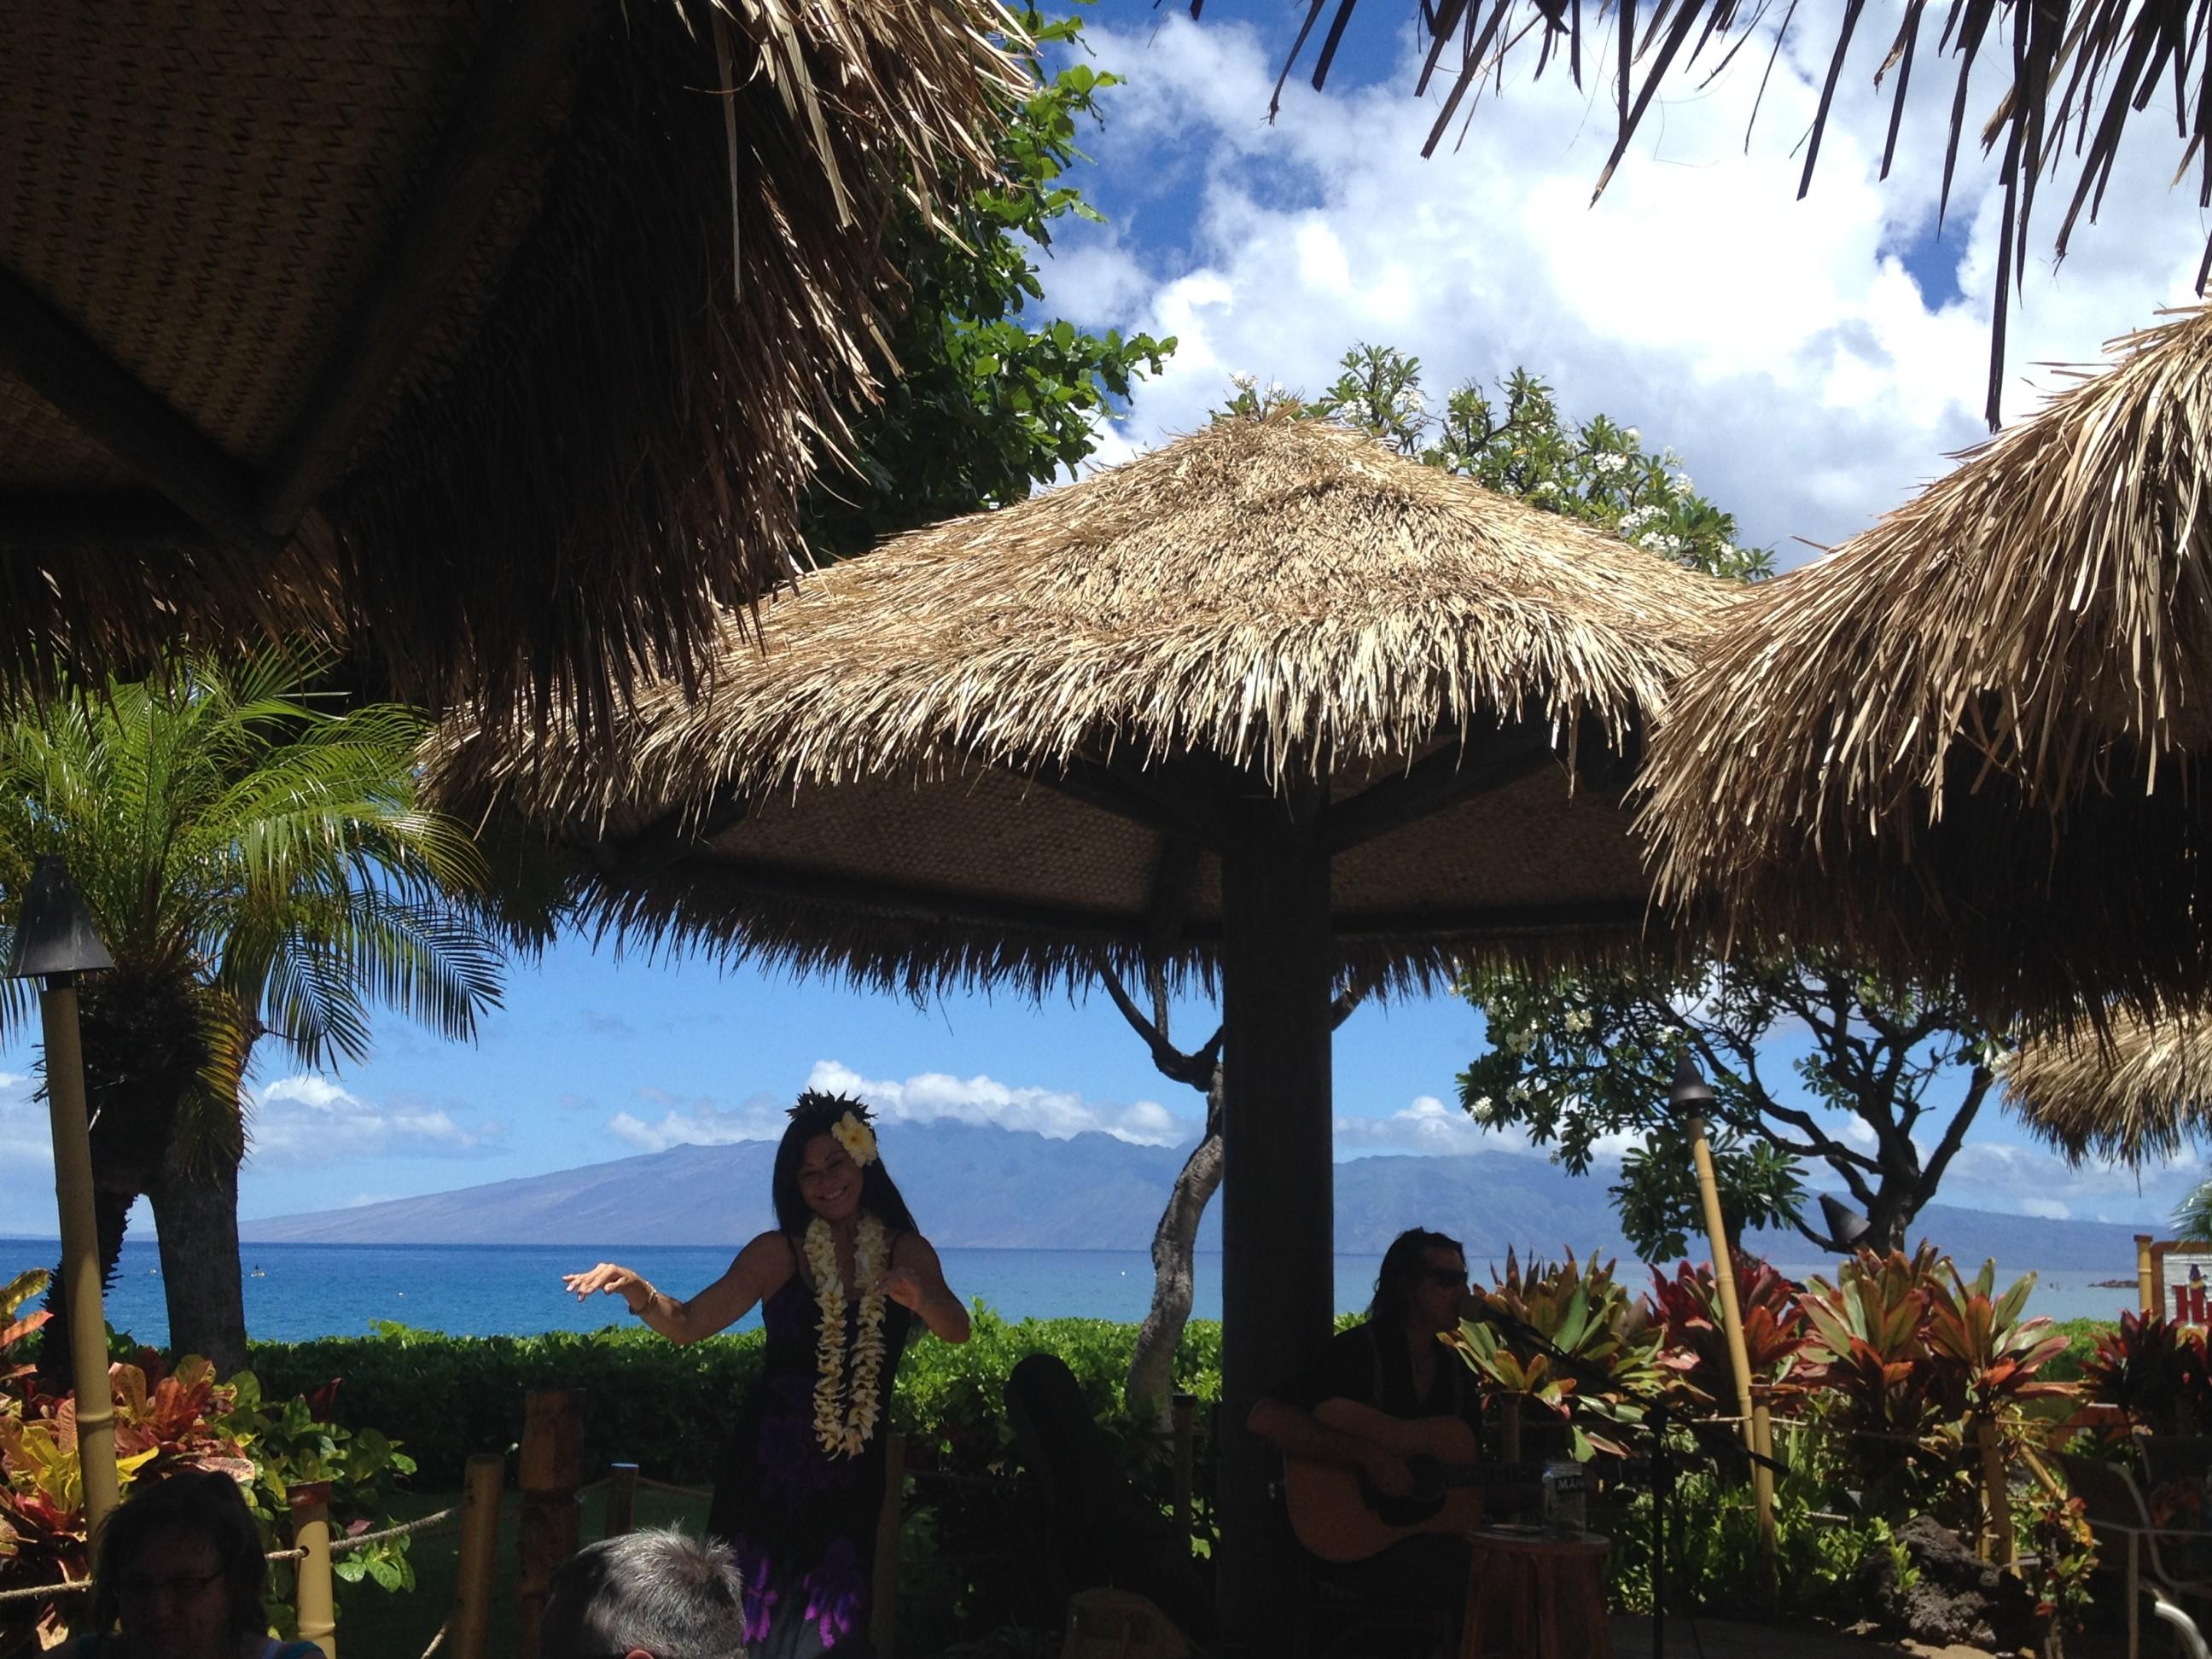 Hula at Hula Grill, Kaanapali, Maui, Hawaii